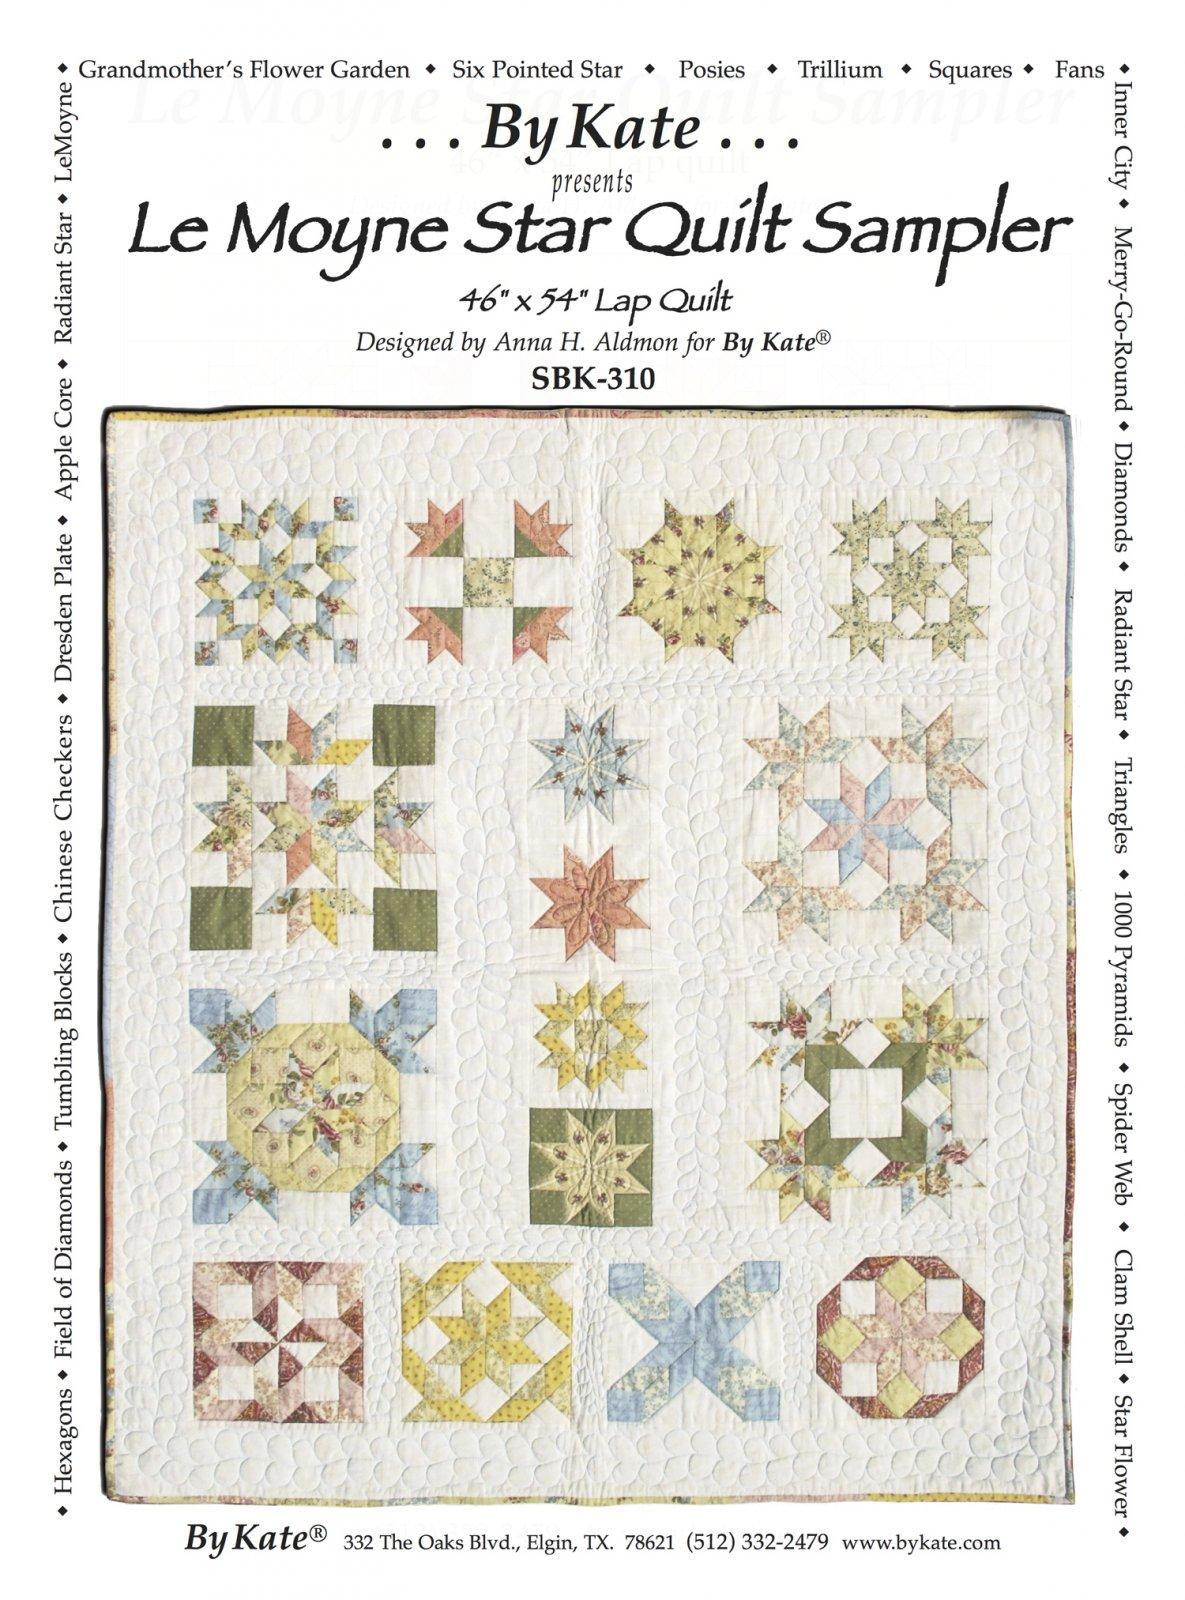 LeMoyne Star Quilt Sampler